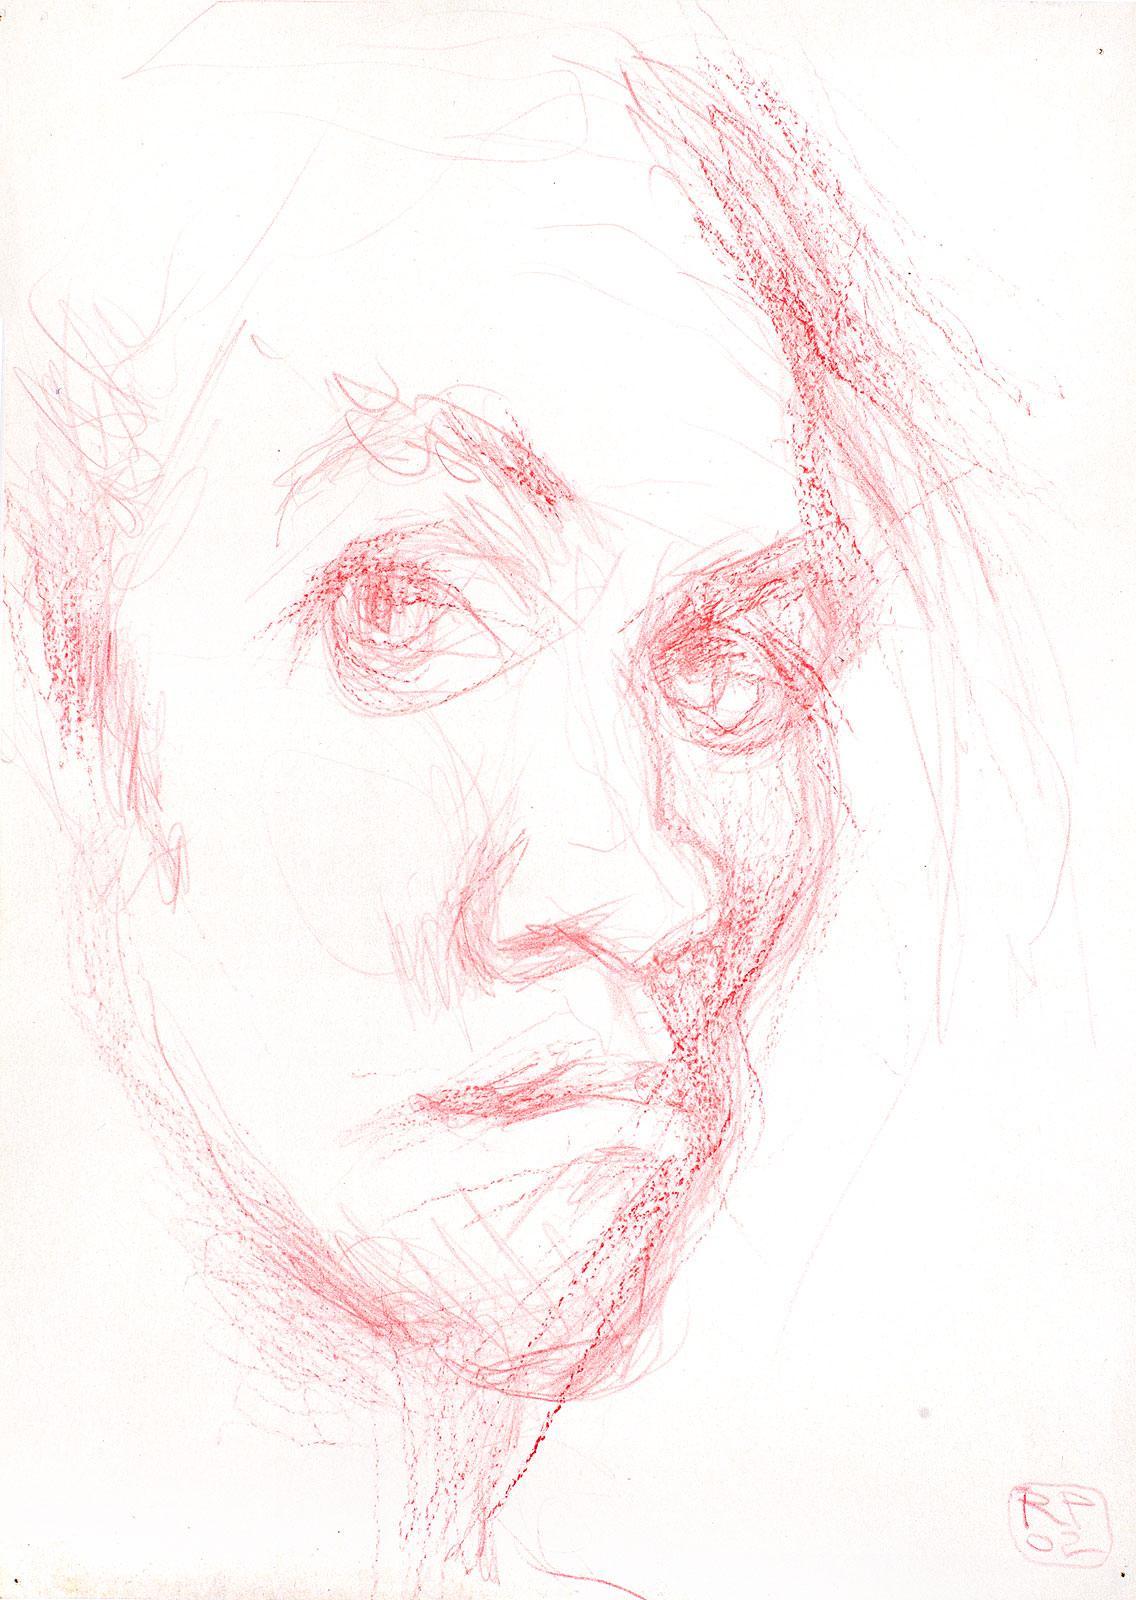 Selbstportrait Robert Puls Zeichnung Buntstift